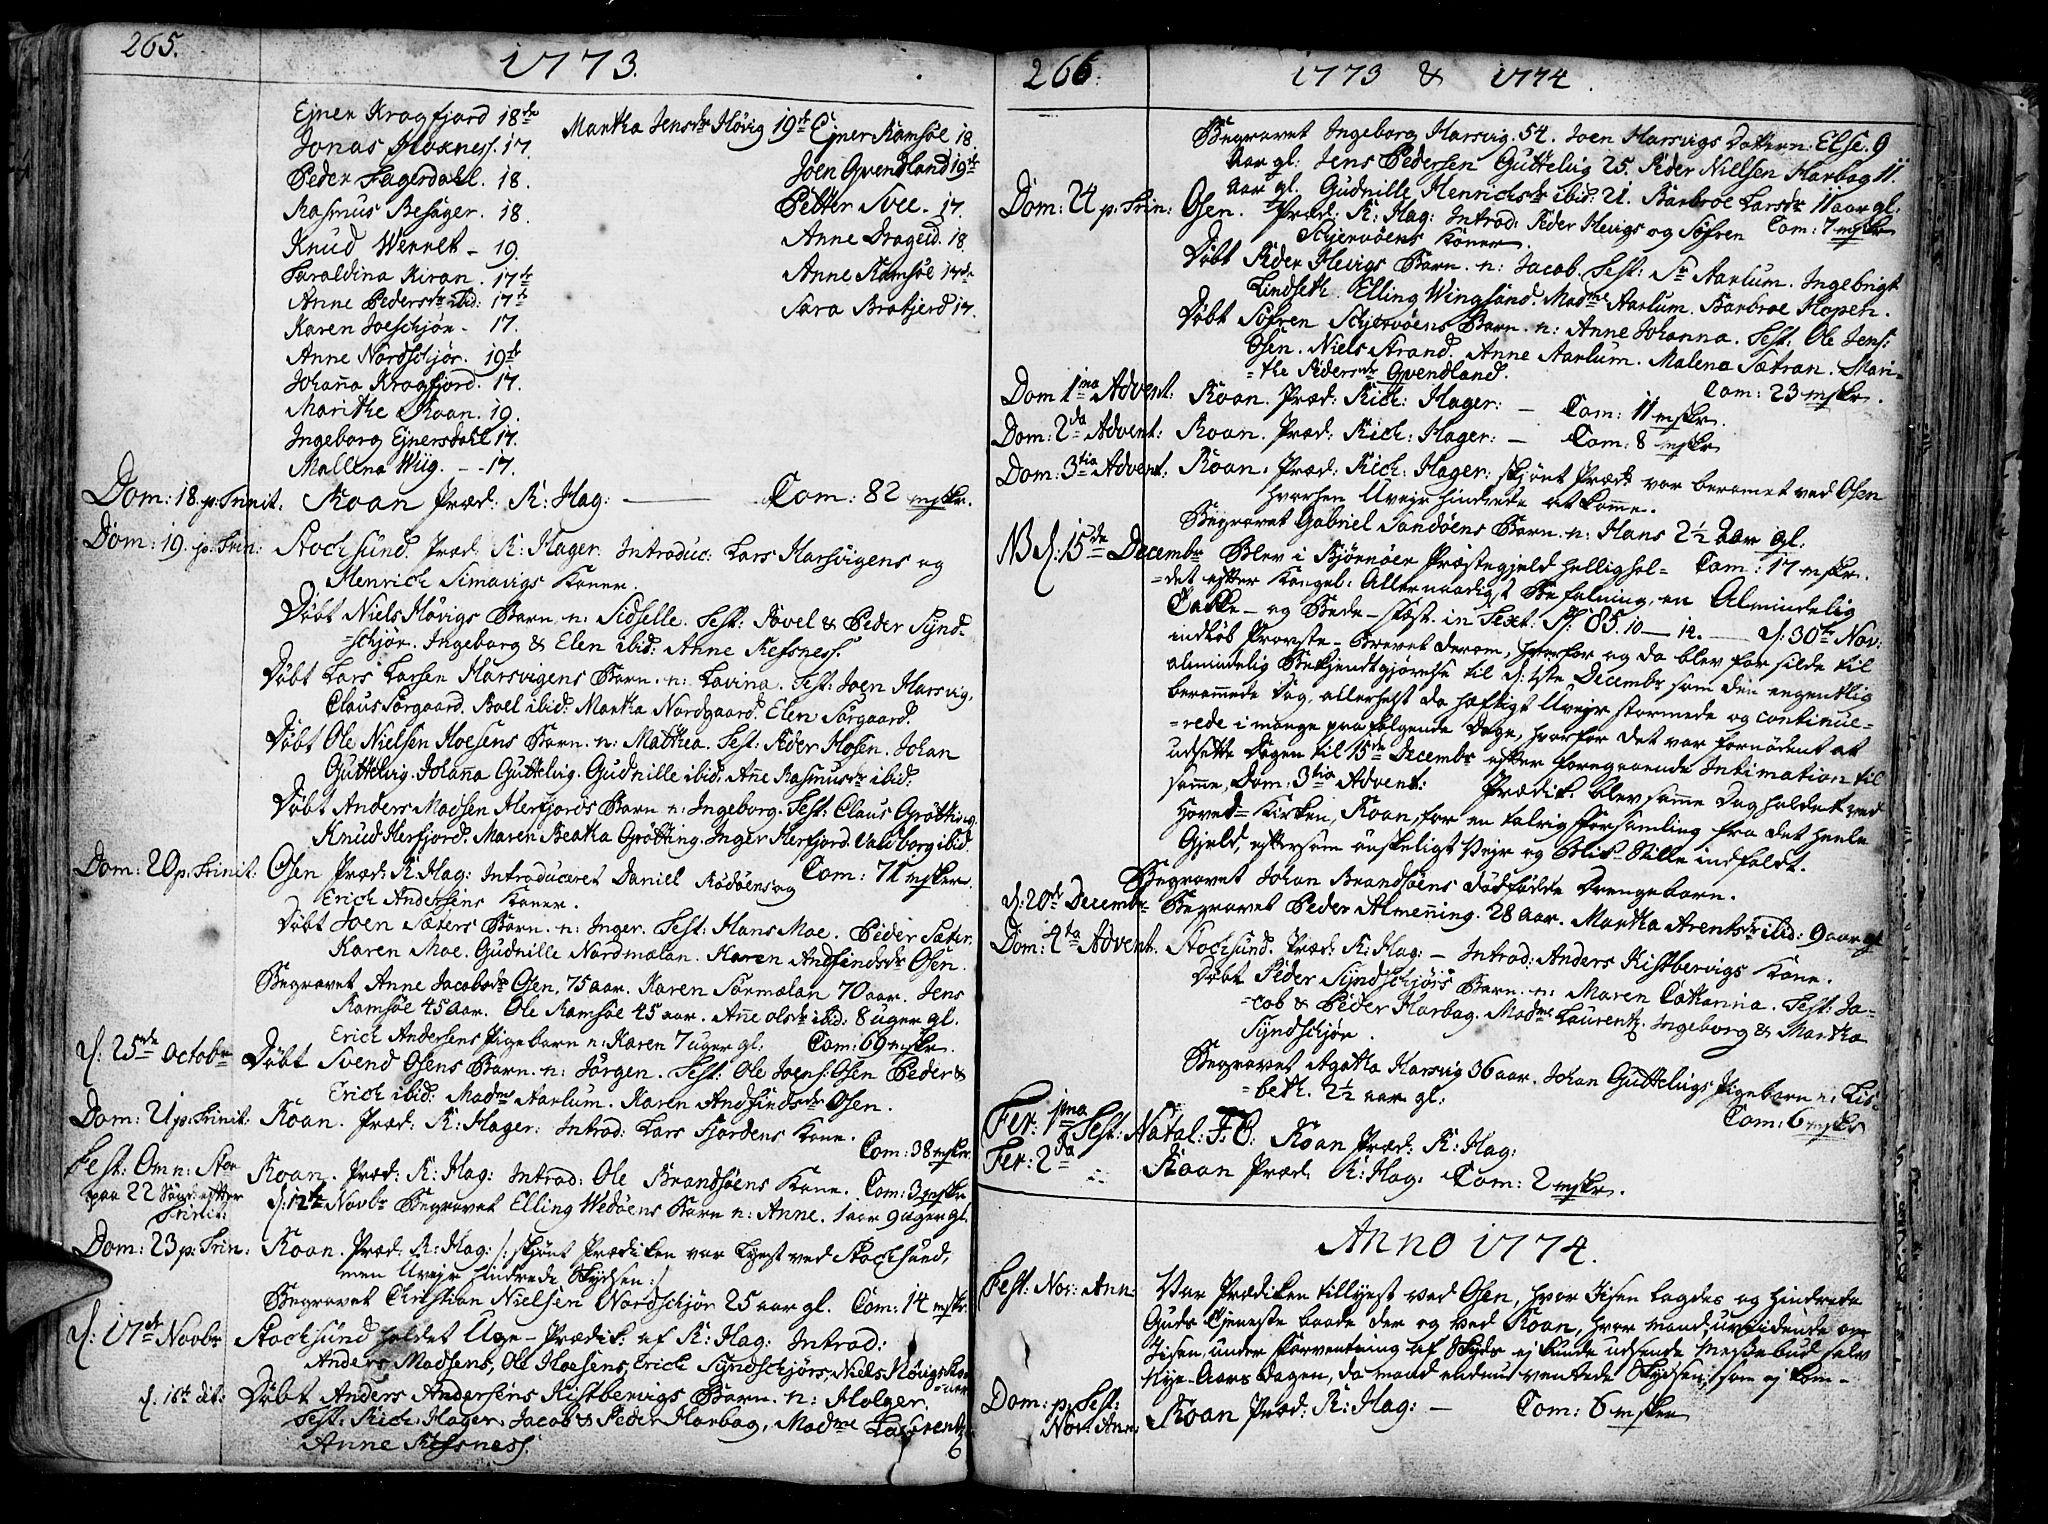 SAT, Ministerialprotokoller, klokkerbøker og fødselsregistre - Sør-Trøndelag, 657/L0700: Ministerialbok nr. 657A01, 1732-1801, s. 265-266